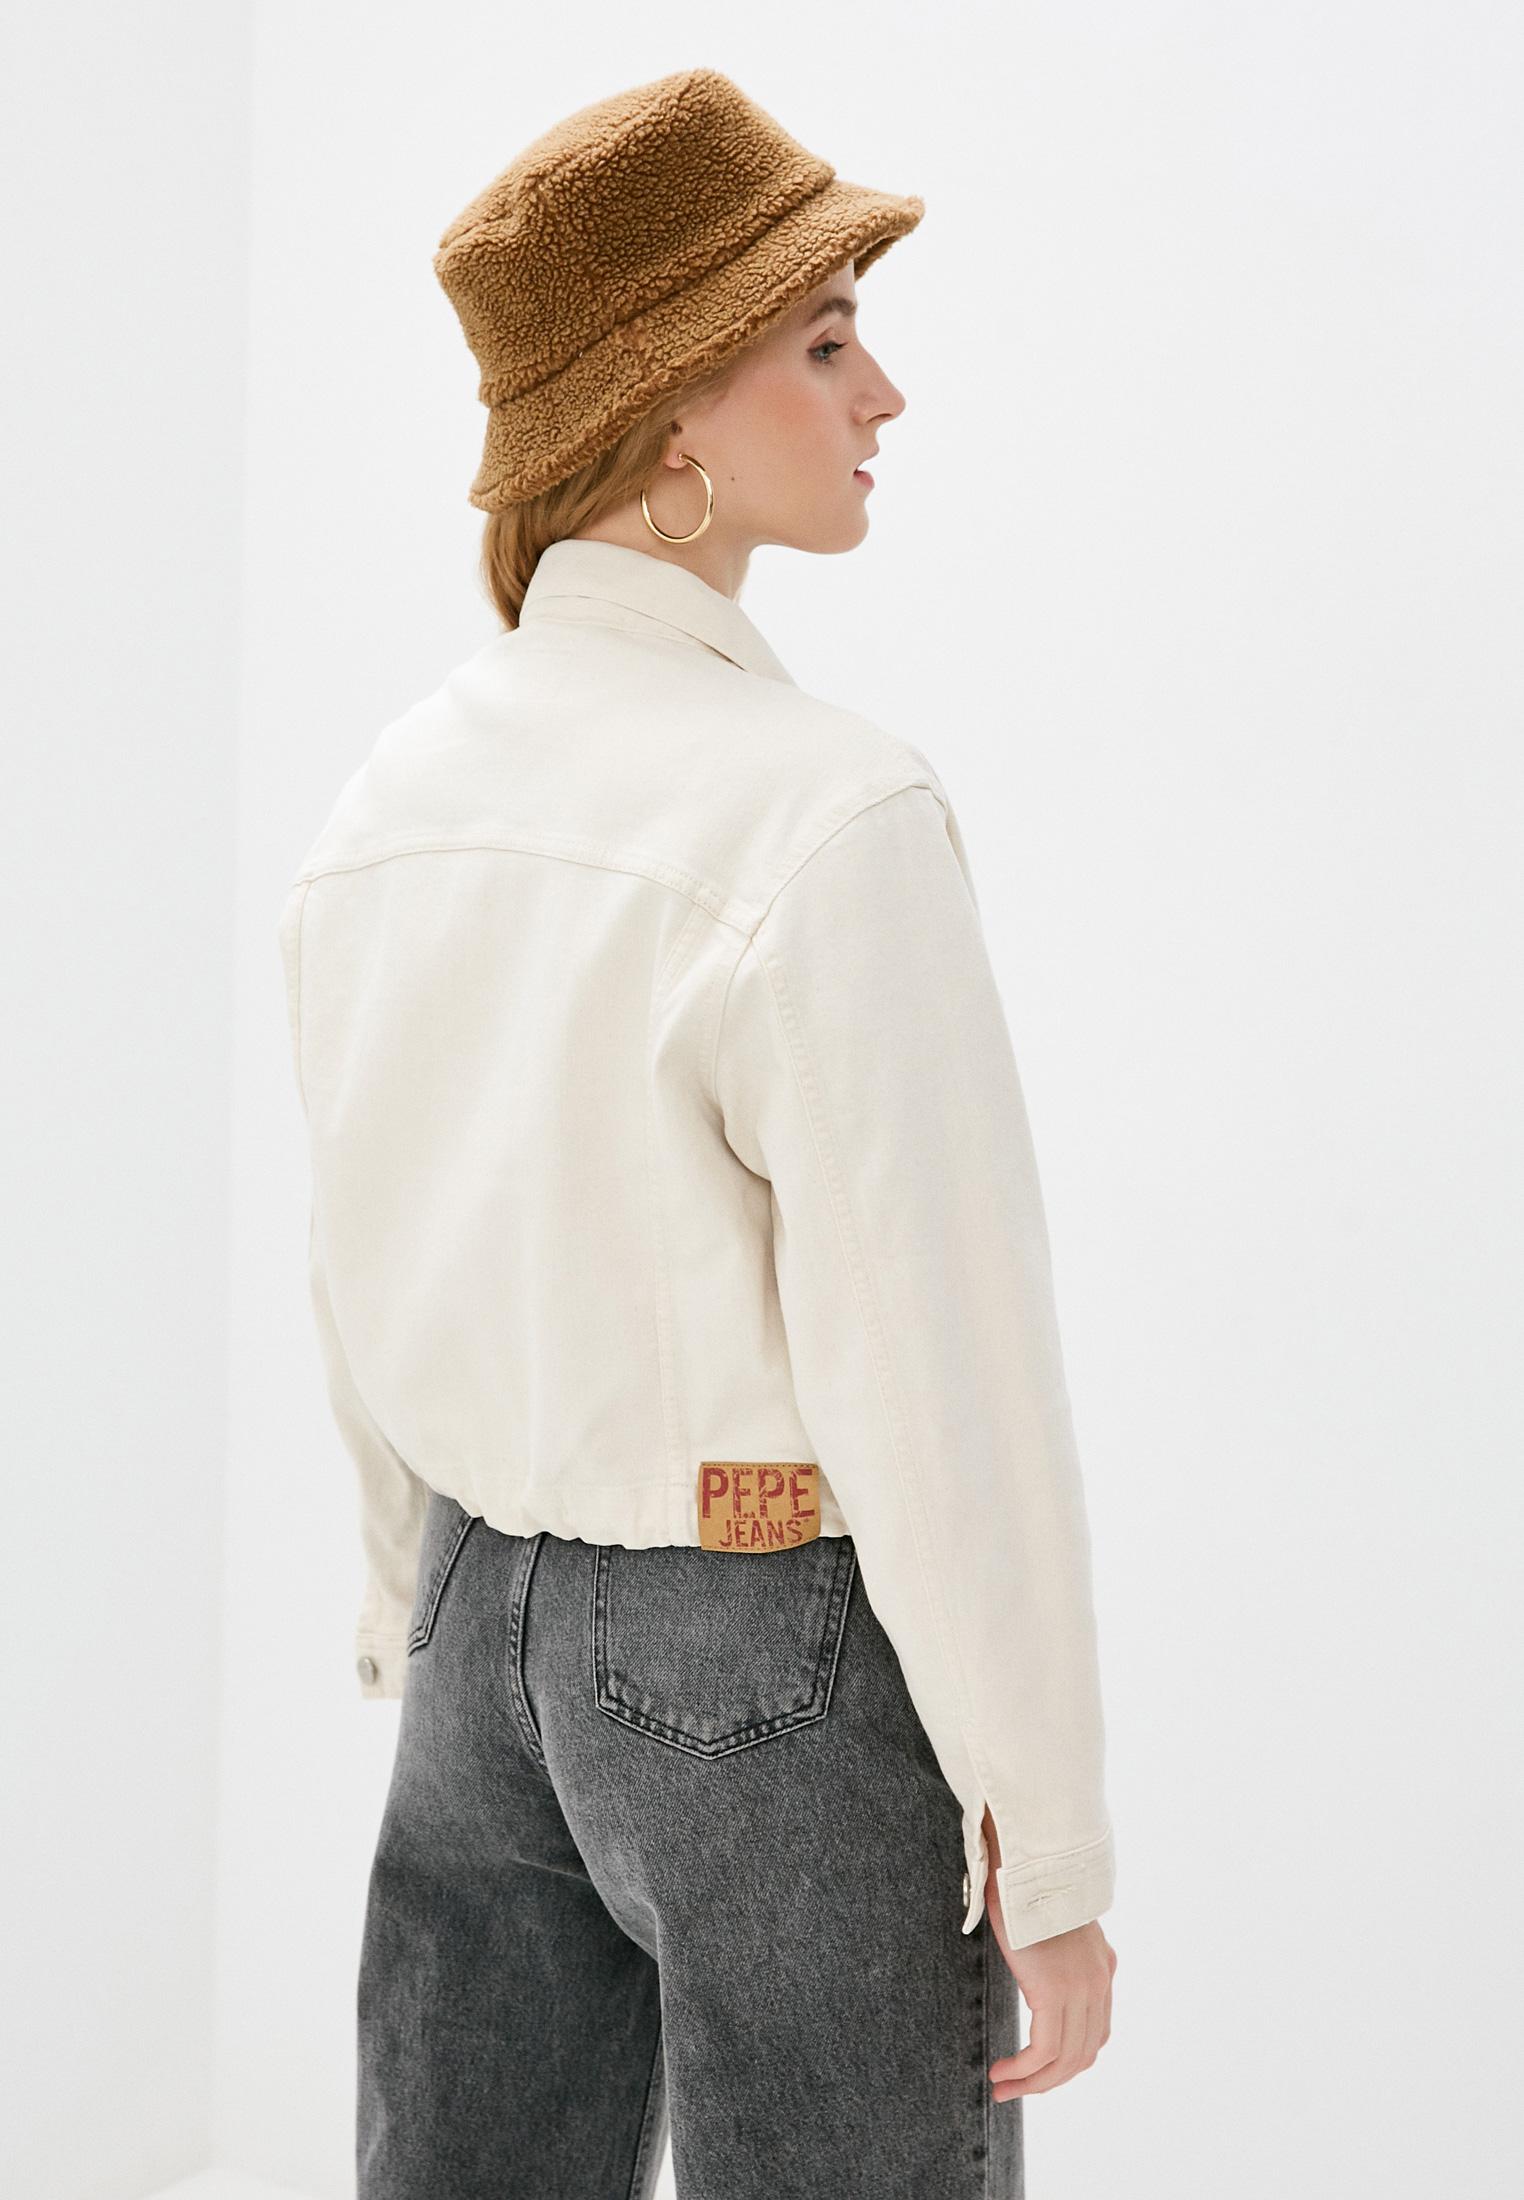 Джинсовая куртка Pepe Jeans (Пепе Джинс) PL401930: изображение 3